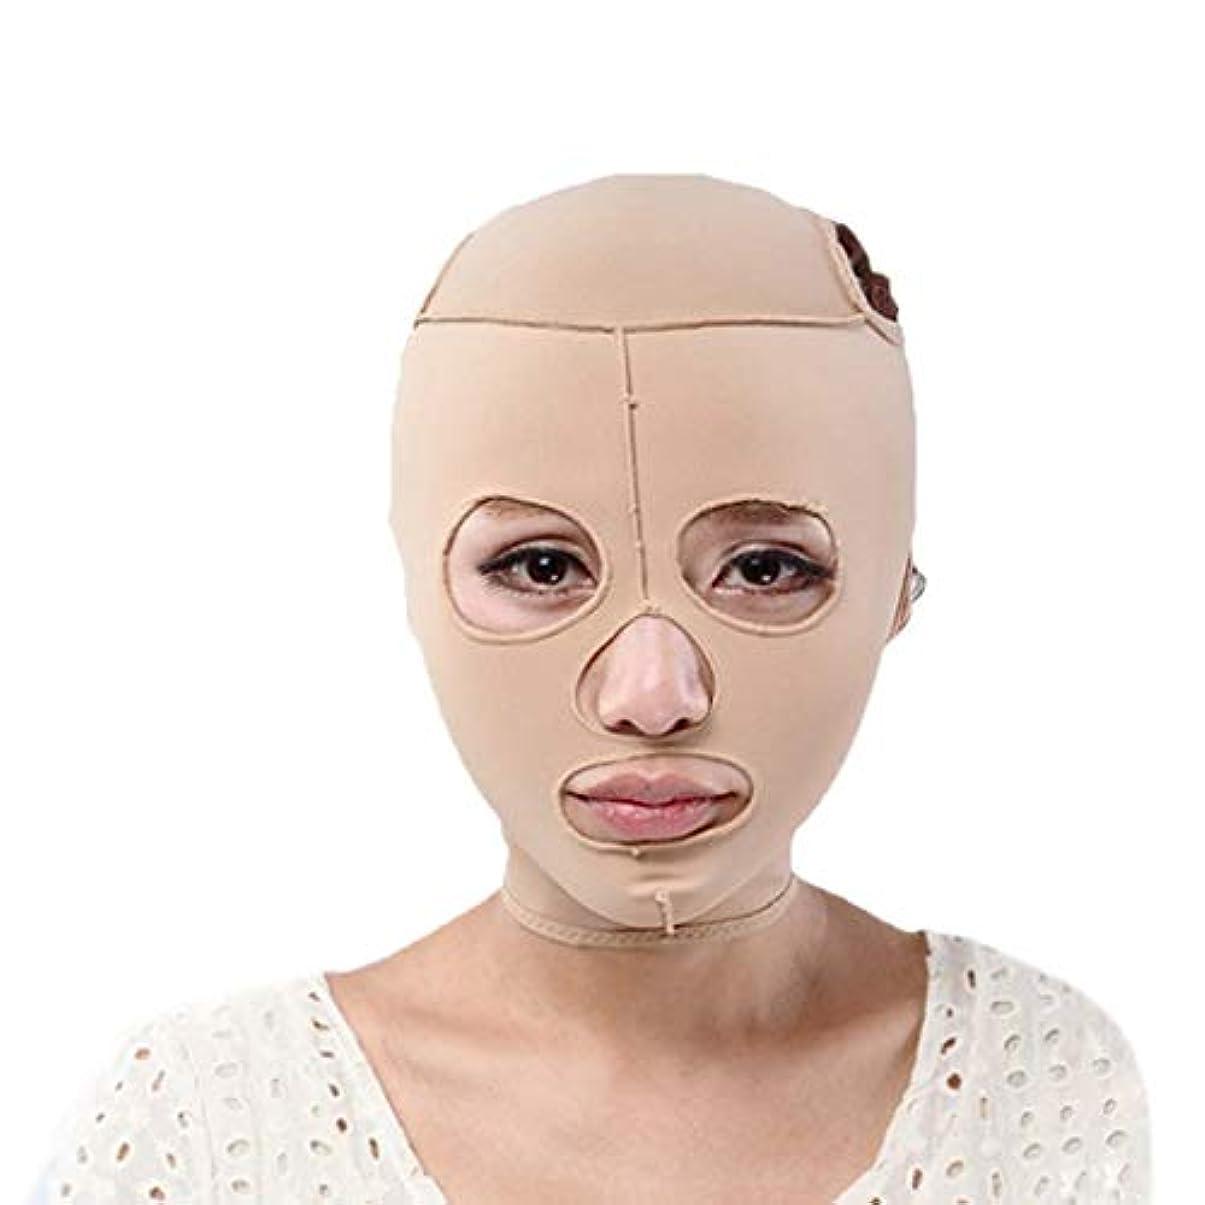 チンストラップ、顔の減量アンチシワマスク、快適な通気性マスク付きオールインクルーシブフェイス、薄型フェイスマスクリフティング包帯引き締め(サイズ:S),S